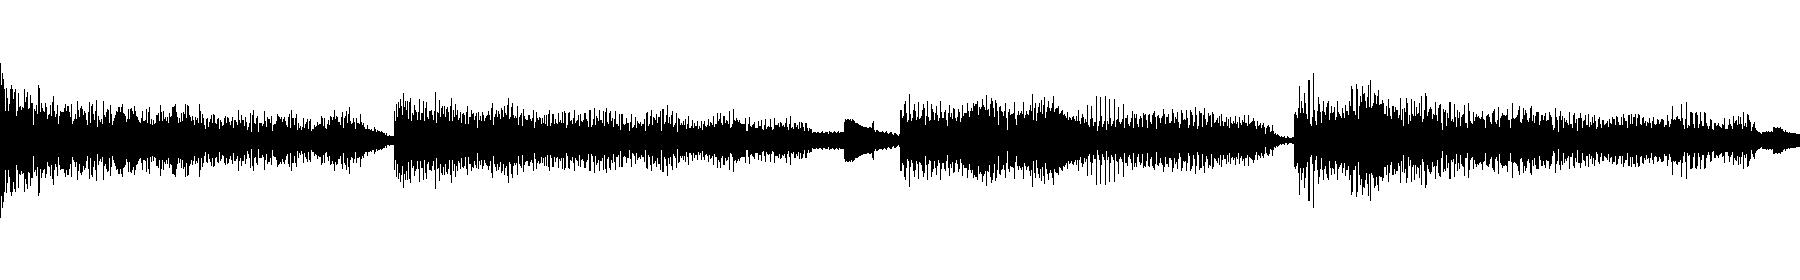 Fhp rhodes 20chords4 125 c